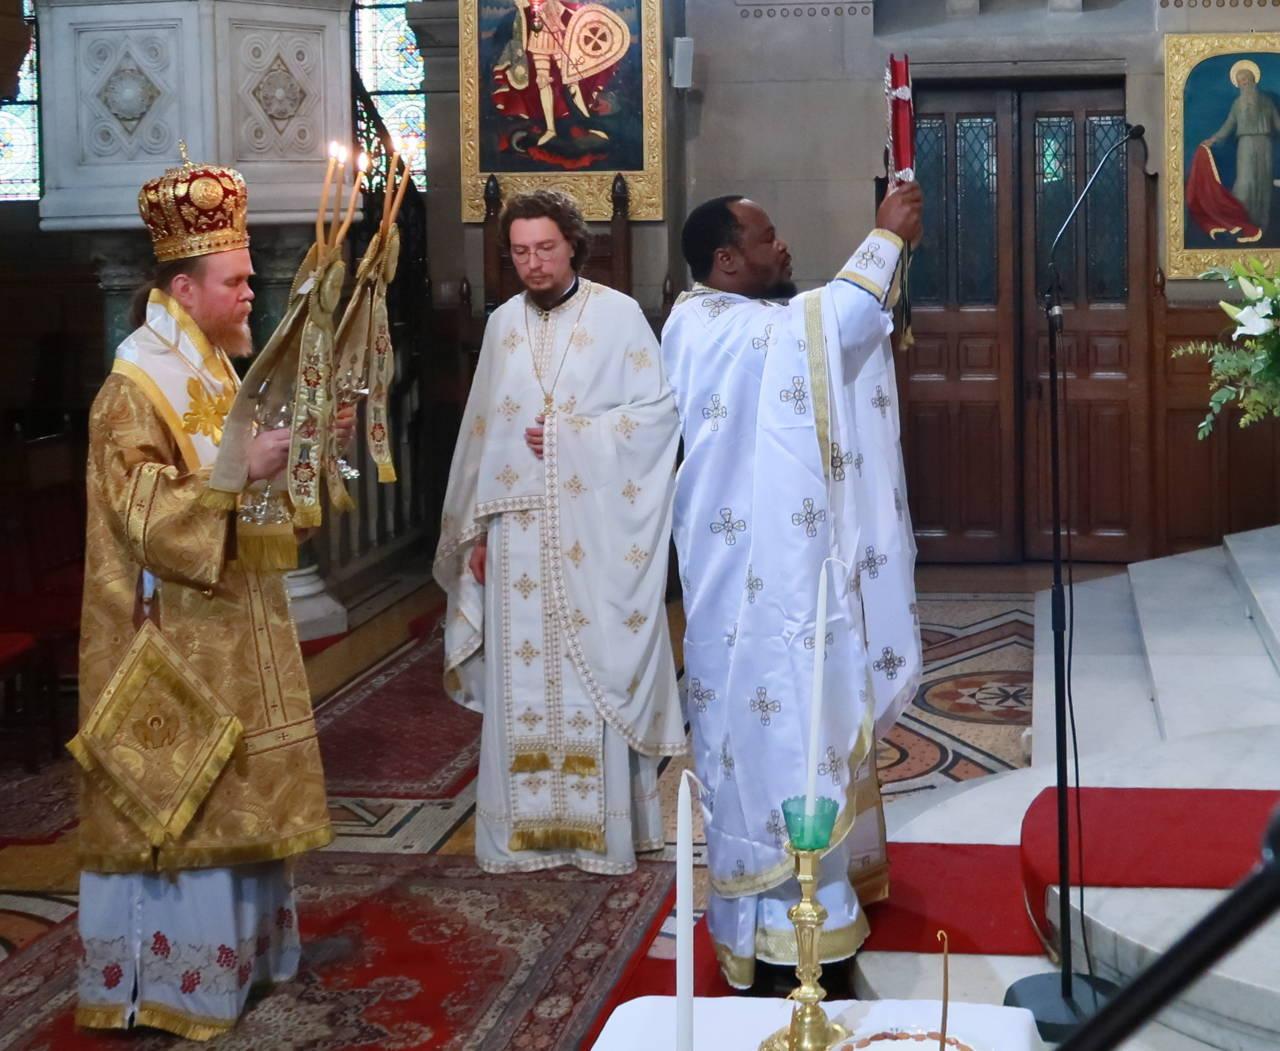 IMG 3307 - Ο Αρχιεπίσκοπος Τσερνιχίβ κ. Ευστράτιος στο Παρίσι